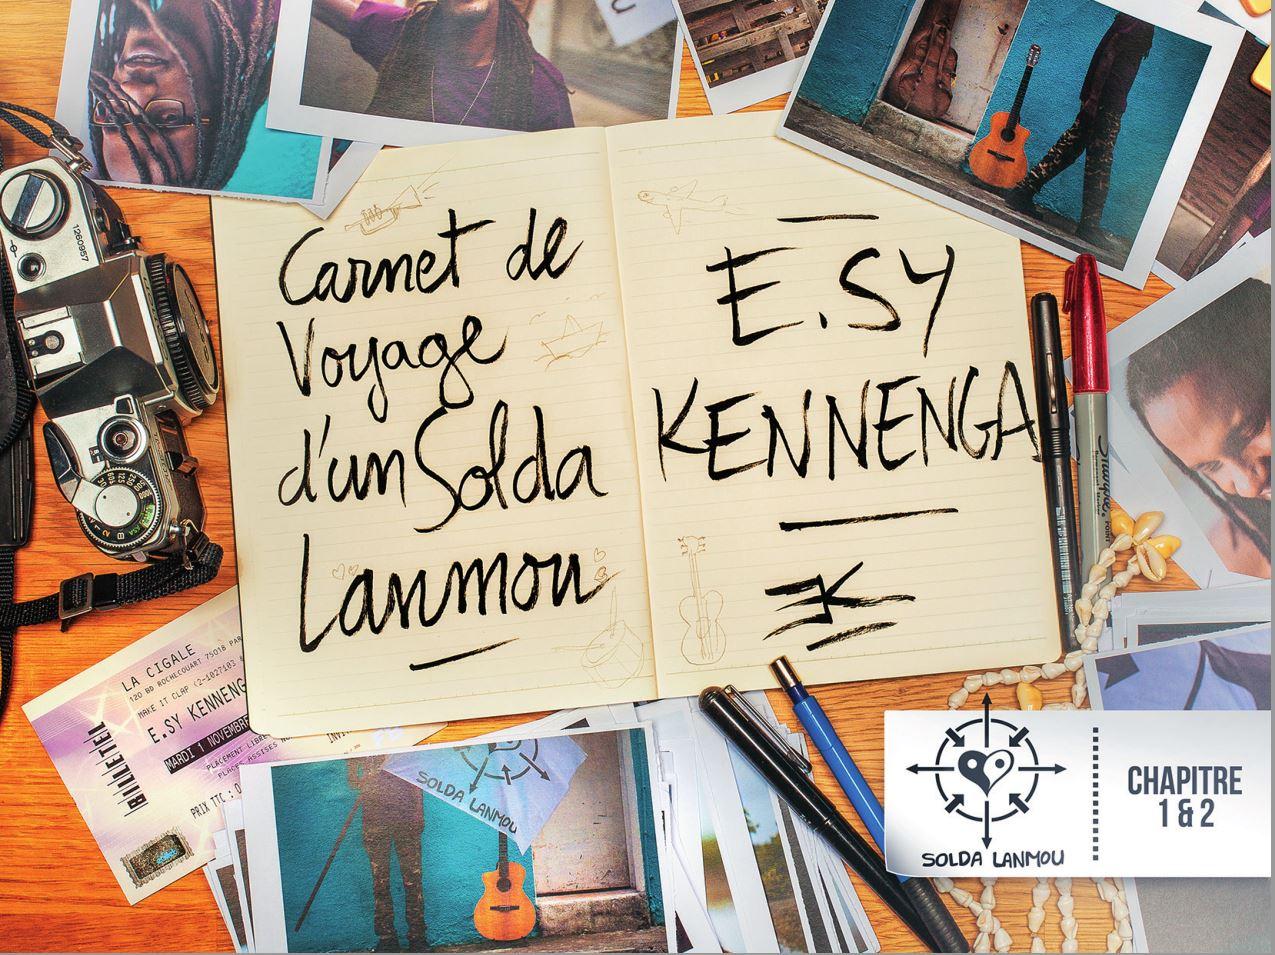 Favori Album – E.sy Kennenga – Carnet de Voyage d'un Solda Lanmou  PL42